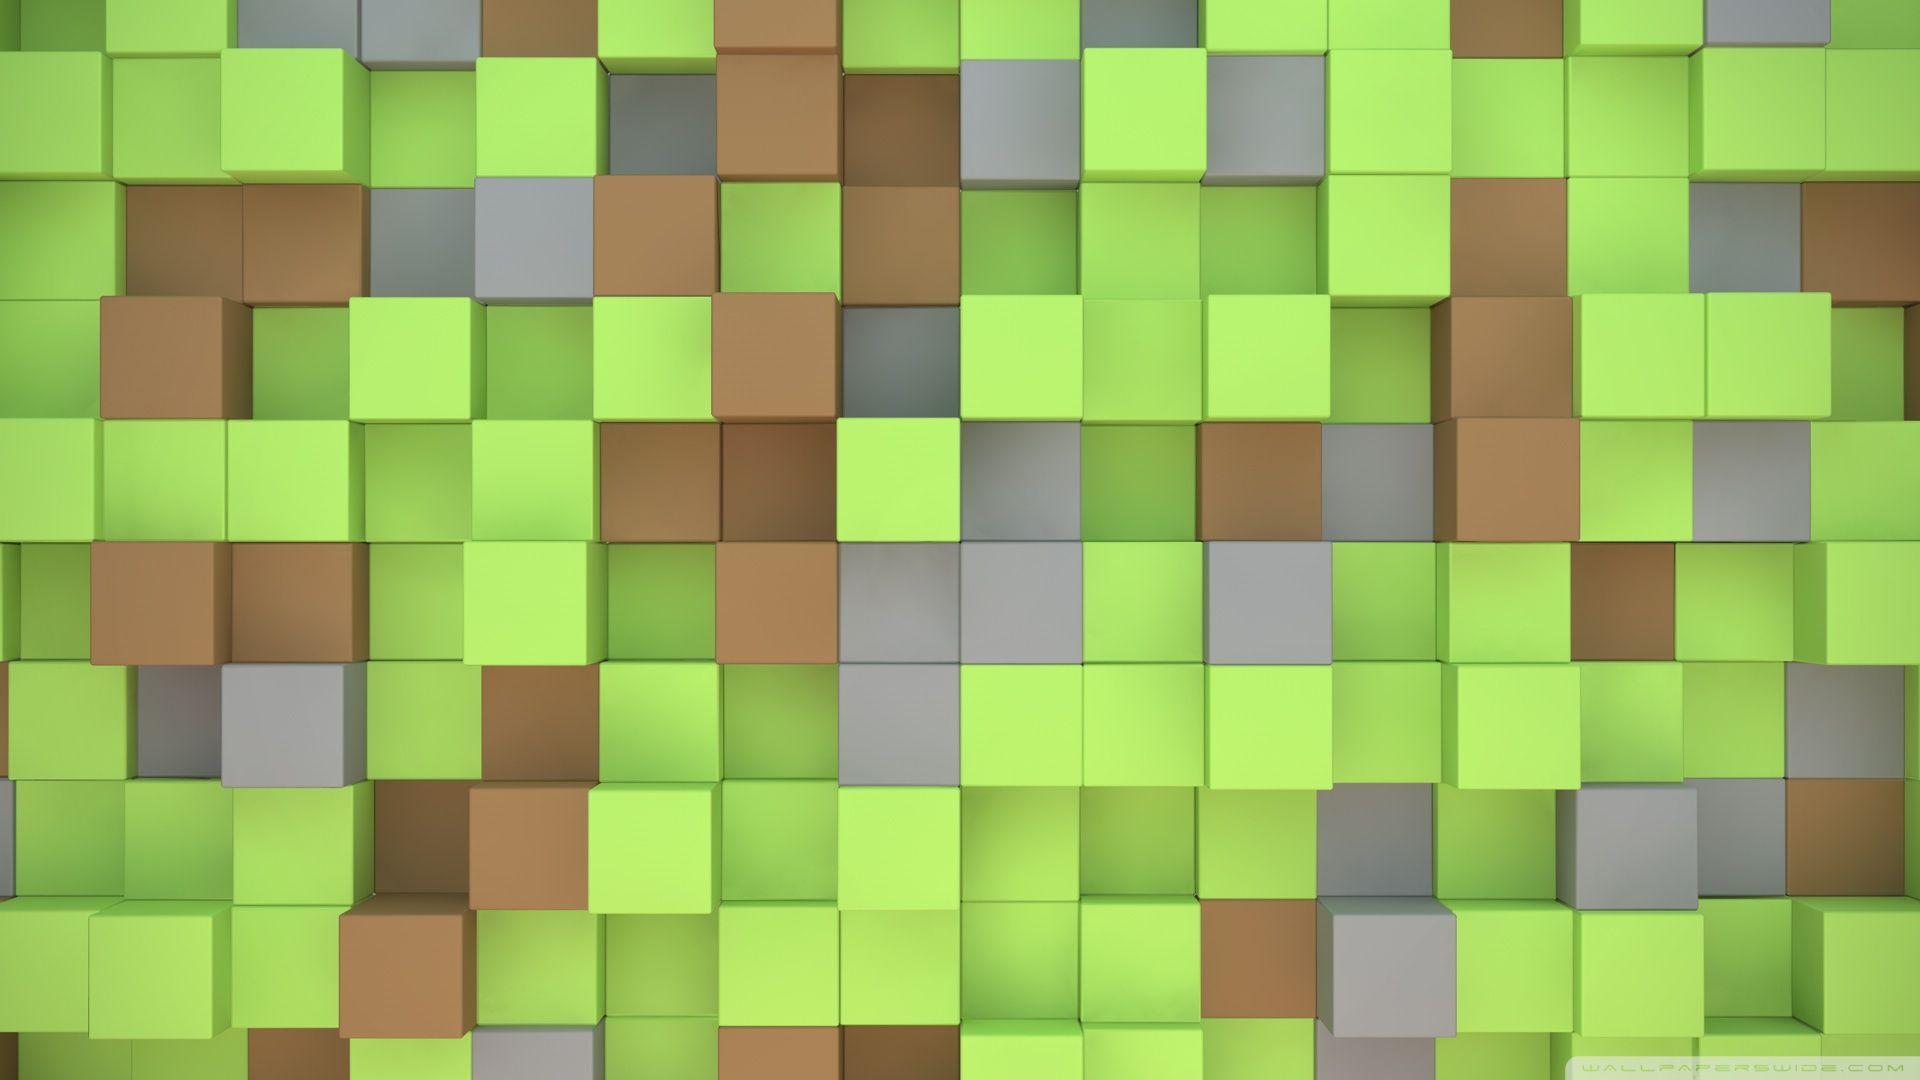 1920x1080 Minecraft Cubes ❤ 4K HD Desktop Wallpaper for 4K Ultra HD TV ...